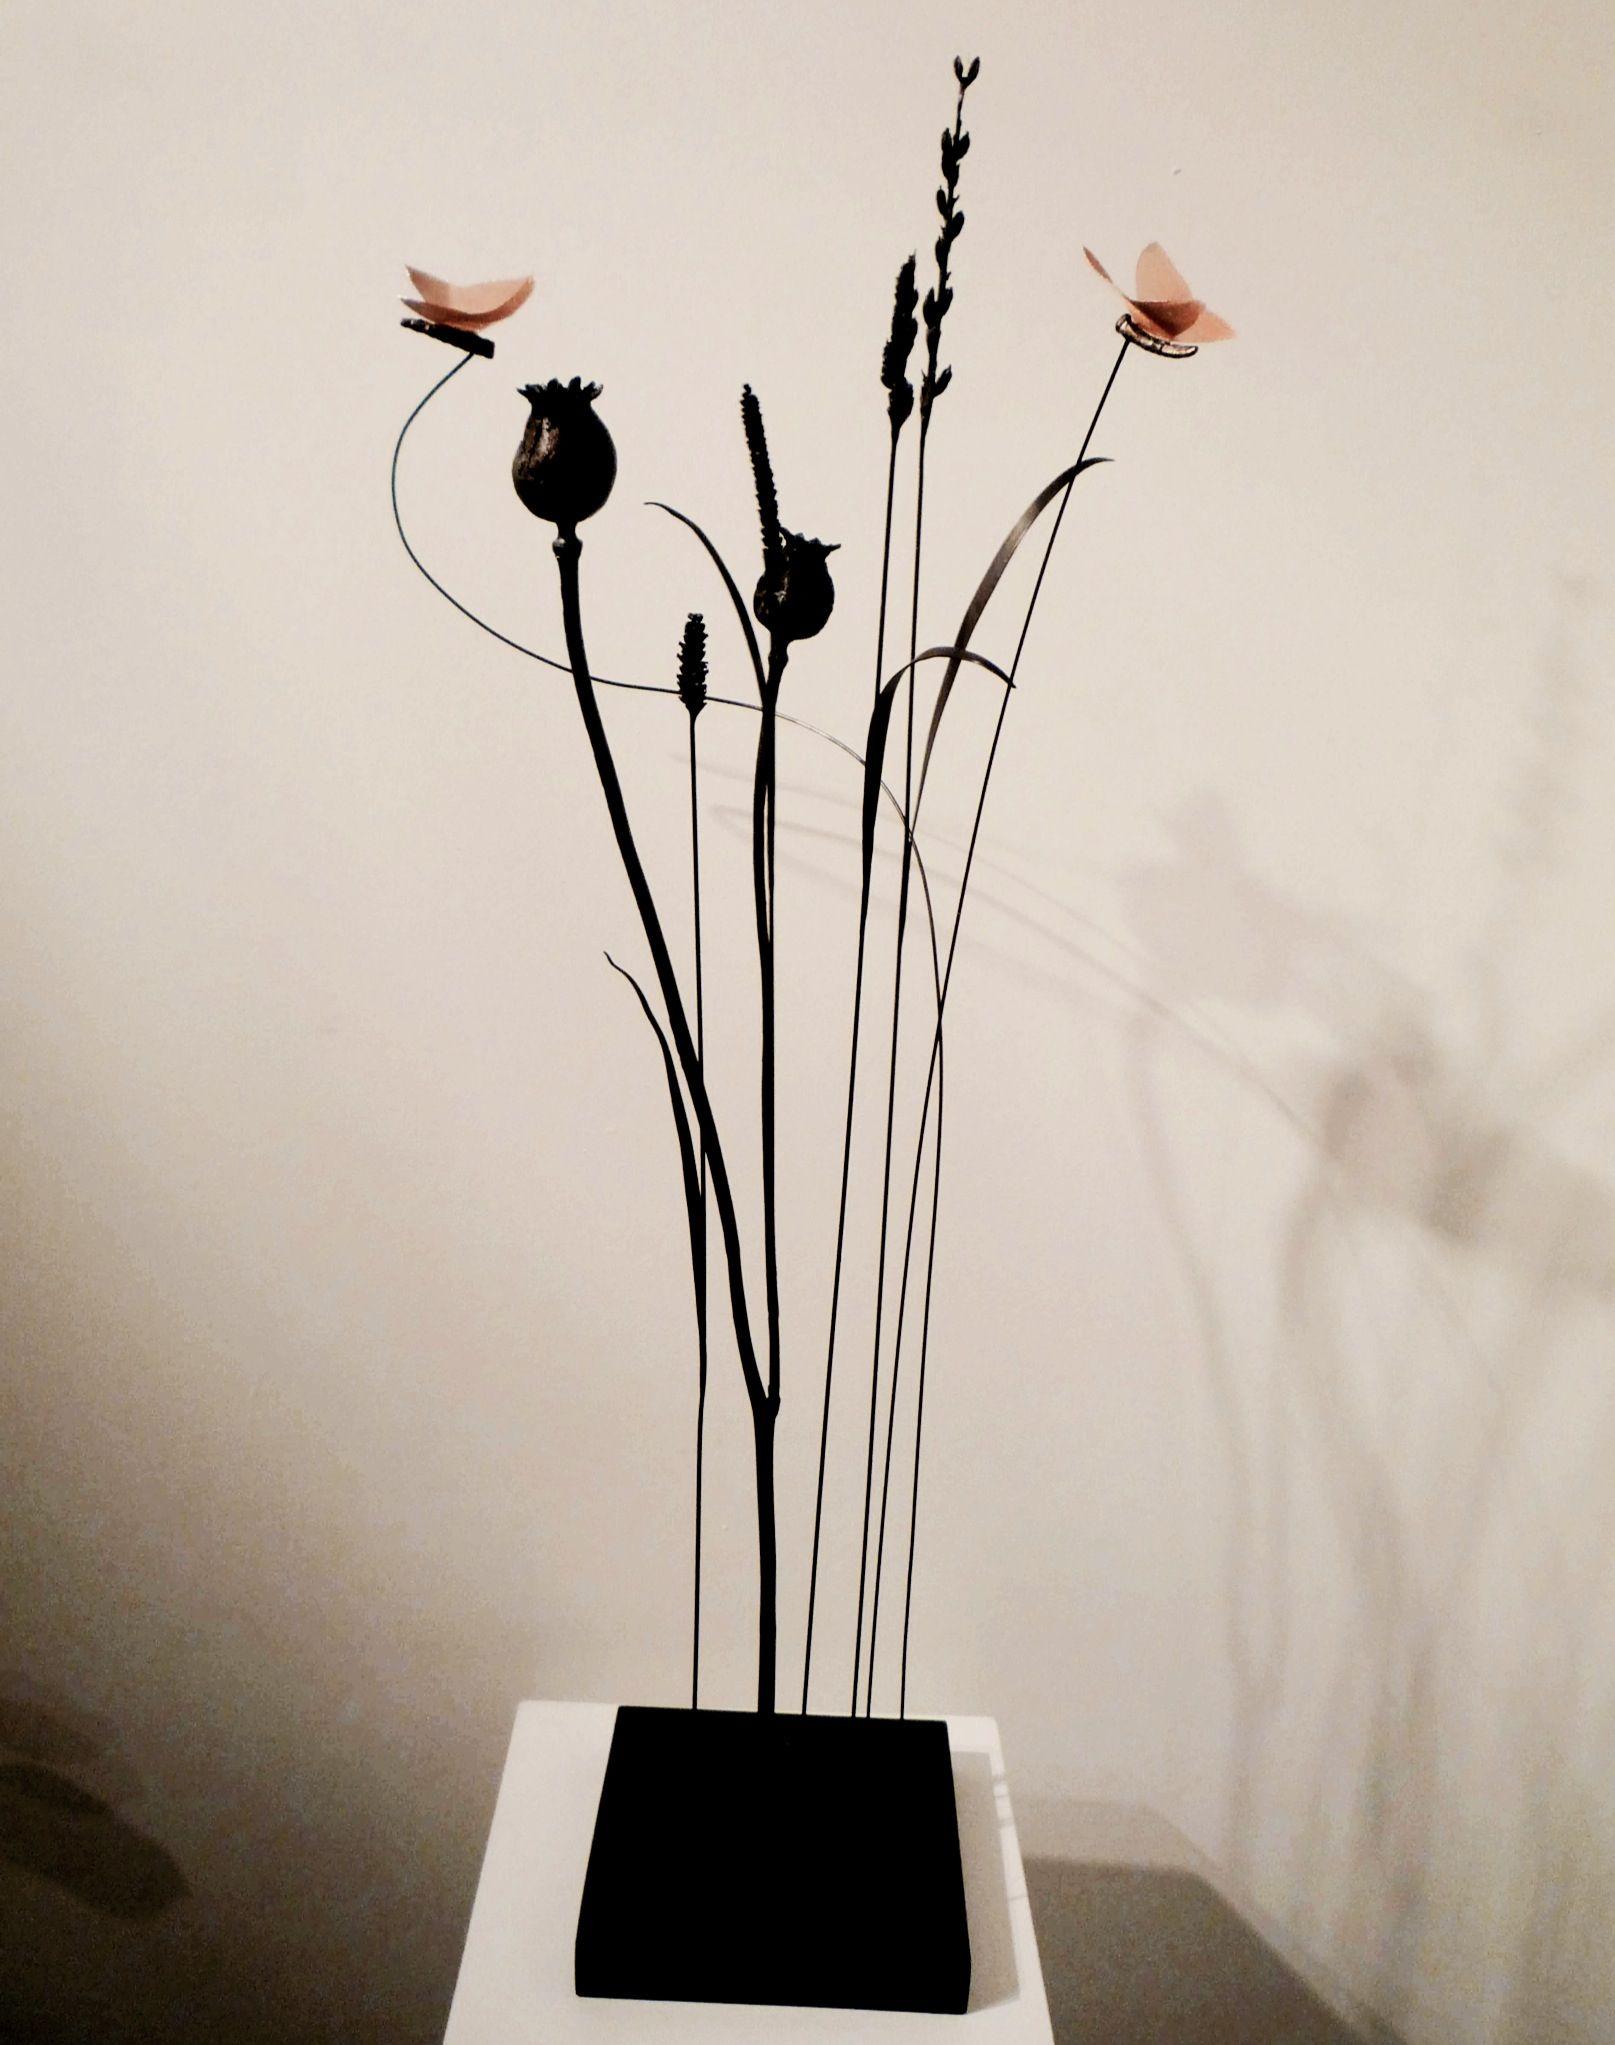 """Anne K Imbert - """"Un petit bout de jardin"""" #annekimbert #samagra #art #bronzesculpture #sculpture #suspendedsculpture #artcontemporain #contemporaryart"""